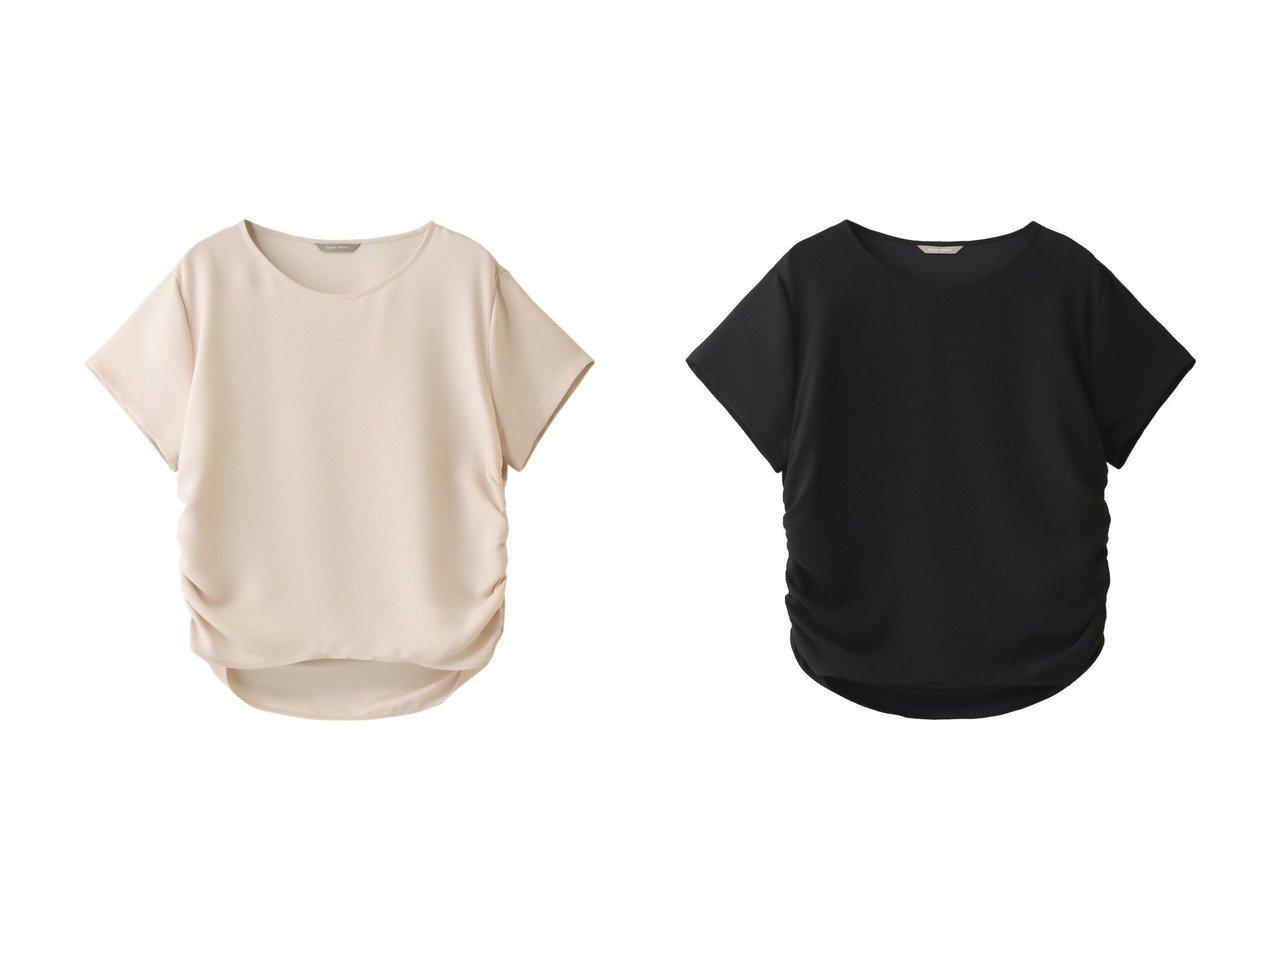 【PLAIN PEOPLE/プレインピープル】のバックサテンクレープギャザープルオーバーブラウス 【トップス・カットソー】おすすめ!人気、トレンド・レディースファッションの通販 おすすめで人気の流行・トレンド、ファッションの通販商品 メンズファッション・キッズファッション・インテリア・家具・レディースファッション・服の通販 founy(ファニー) https://founy.com/ ファッション Fashion レディースファッション WOMEN トップス・カットソー Tops/Tshirt シャツ/ブラウス Shirts/Blouses プルオーバー Pullover バッグ Bag S/S・春夏 SS・Spring/Summer なめらか サテン スリーブ ロング 春 Spring  ID:crp329100000036798